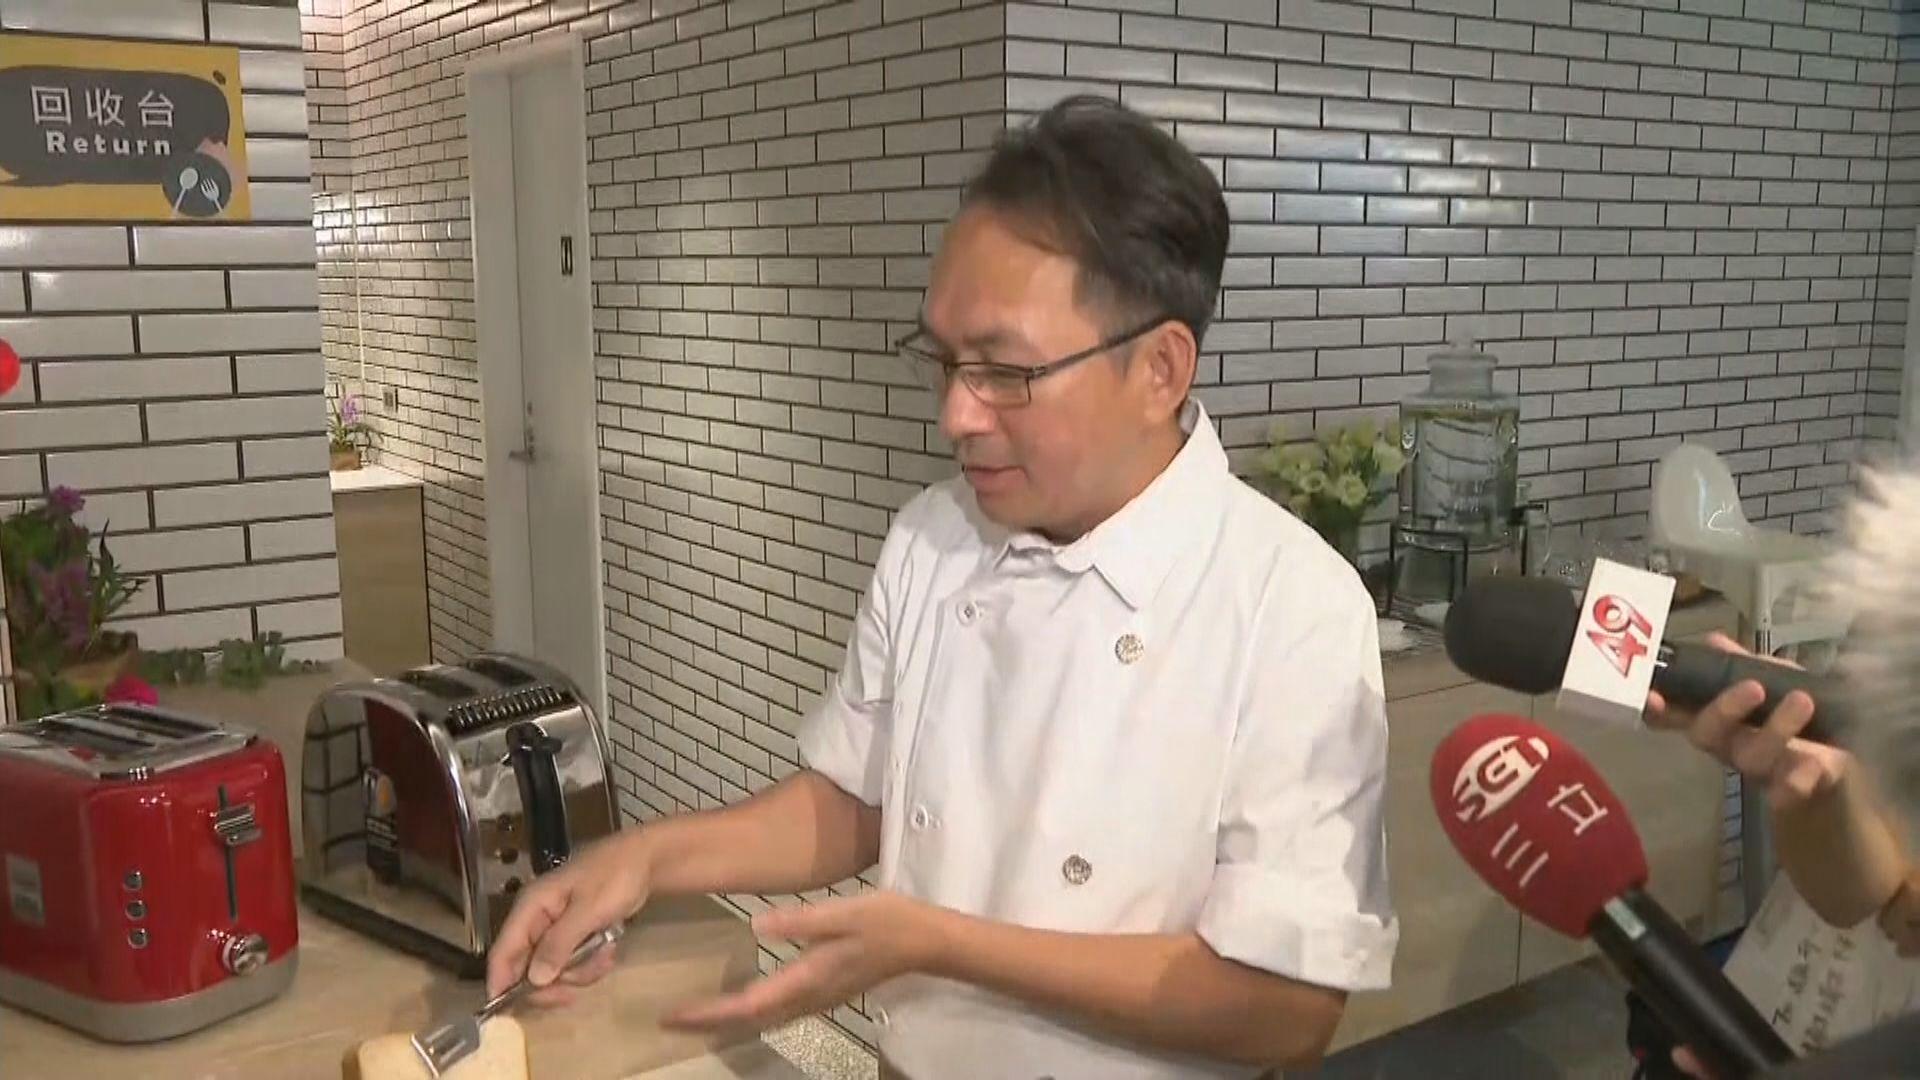 台灣麵包師吳寶春自稱中國台灣人惹爭議